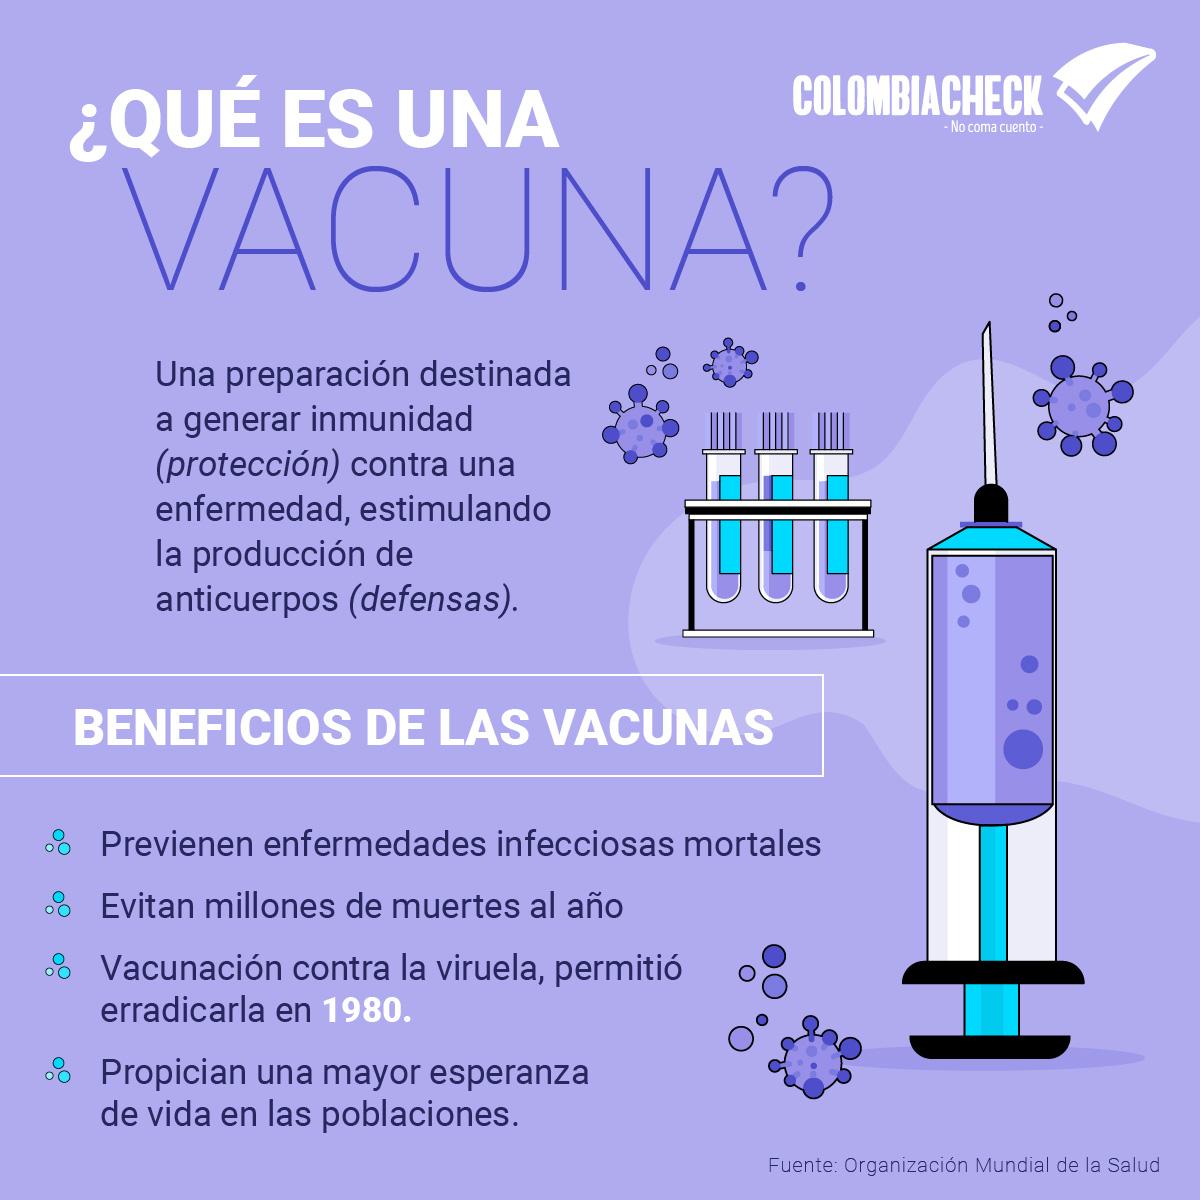 qué es una vacuna